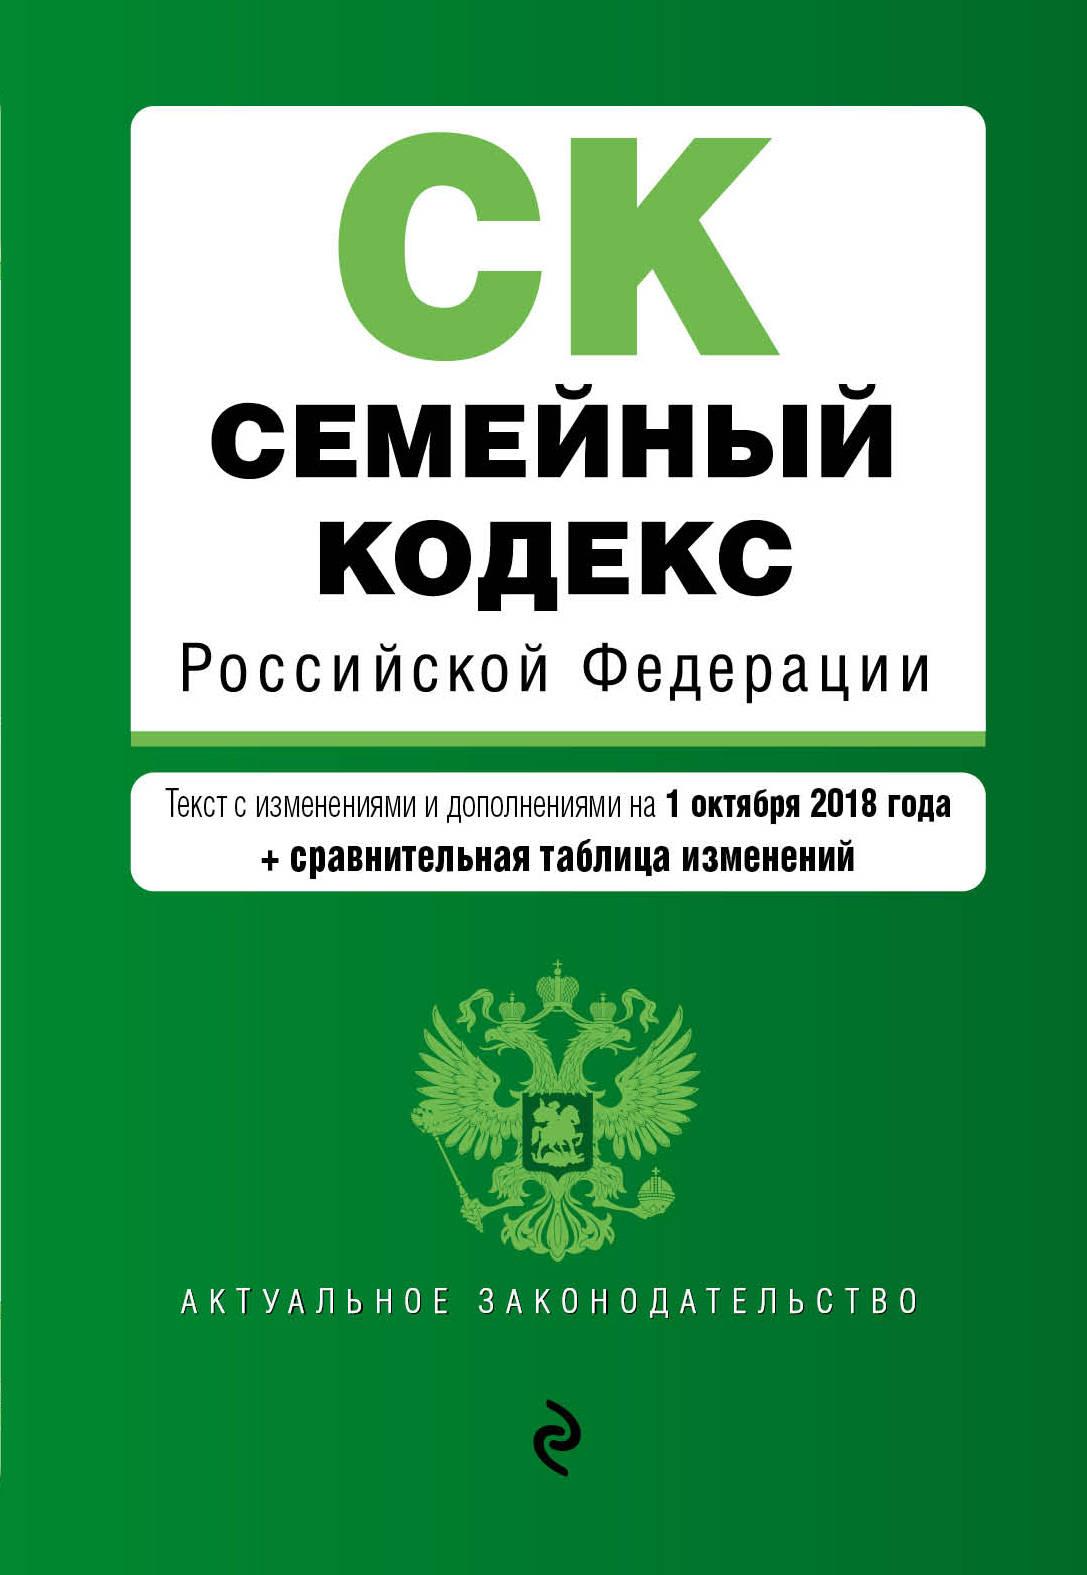 Семейный кодекс Российской Федерации. Текст с изменениями и дополнениями на 1 октября 2018 г. (+ сравнительная таблица изменений)